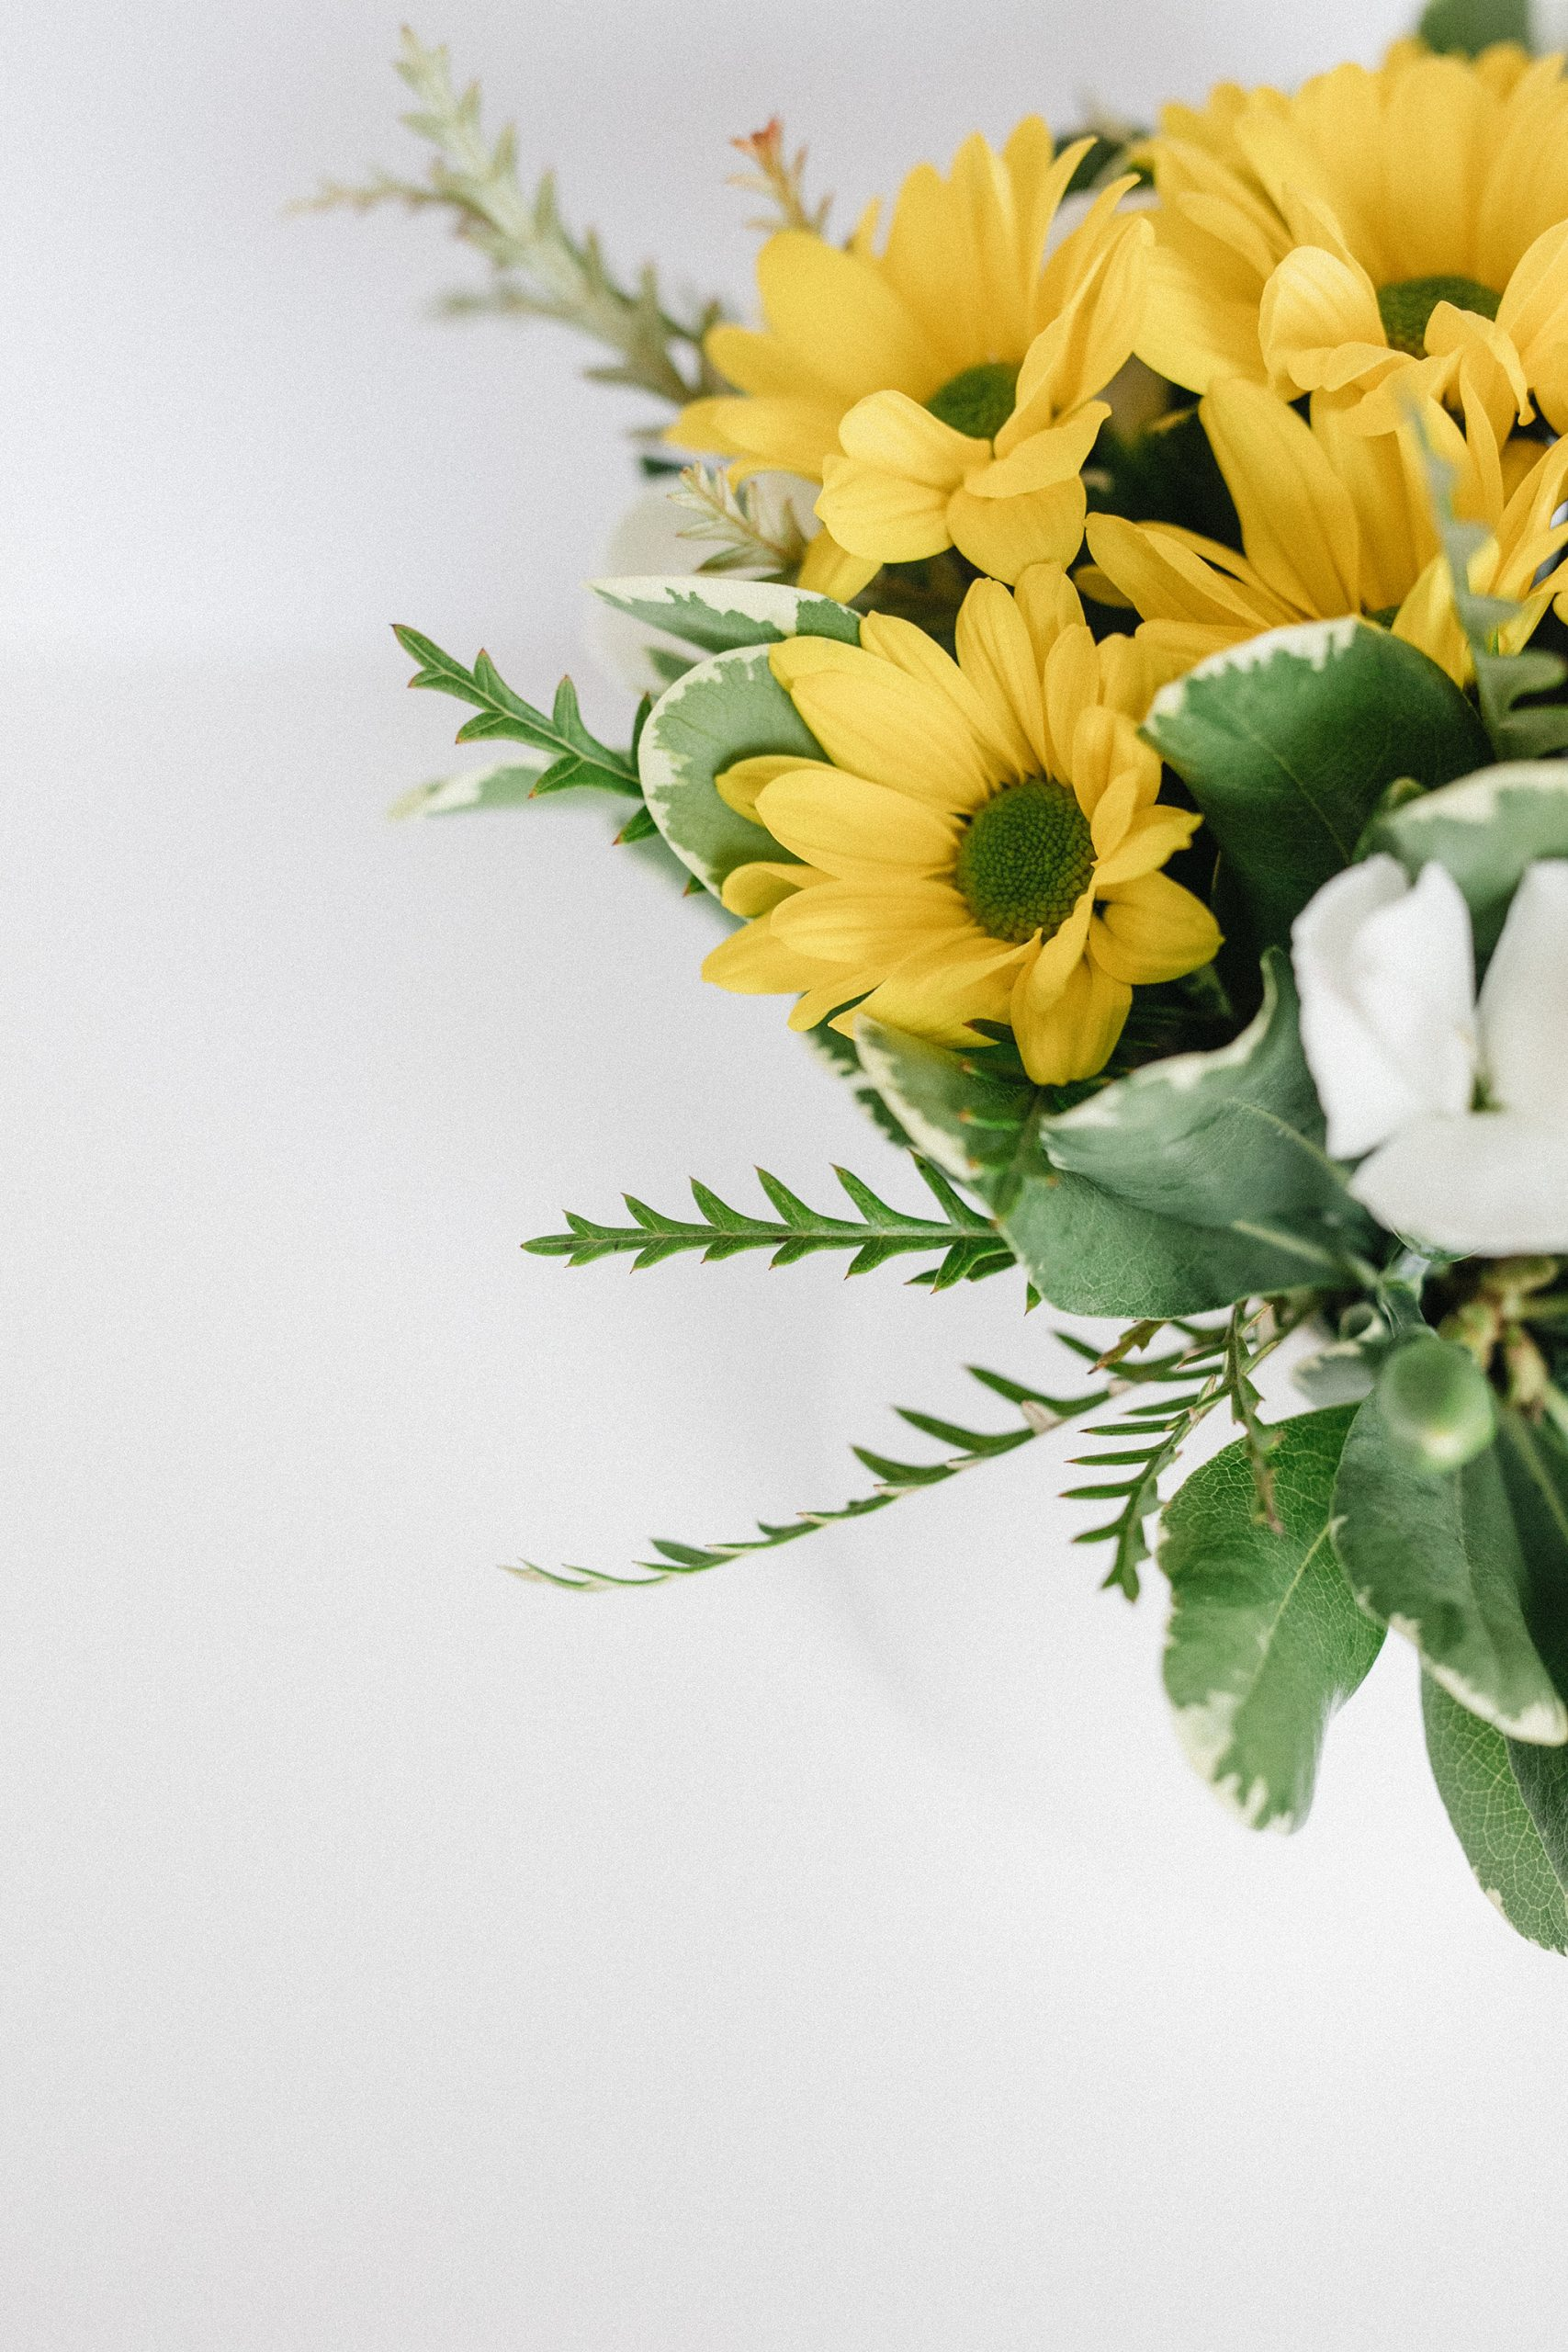 Marguerites fleurs naissance